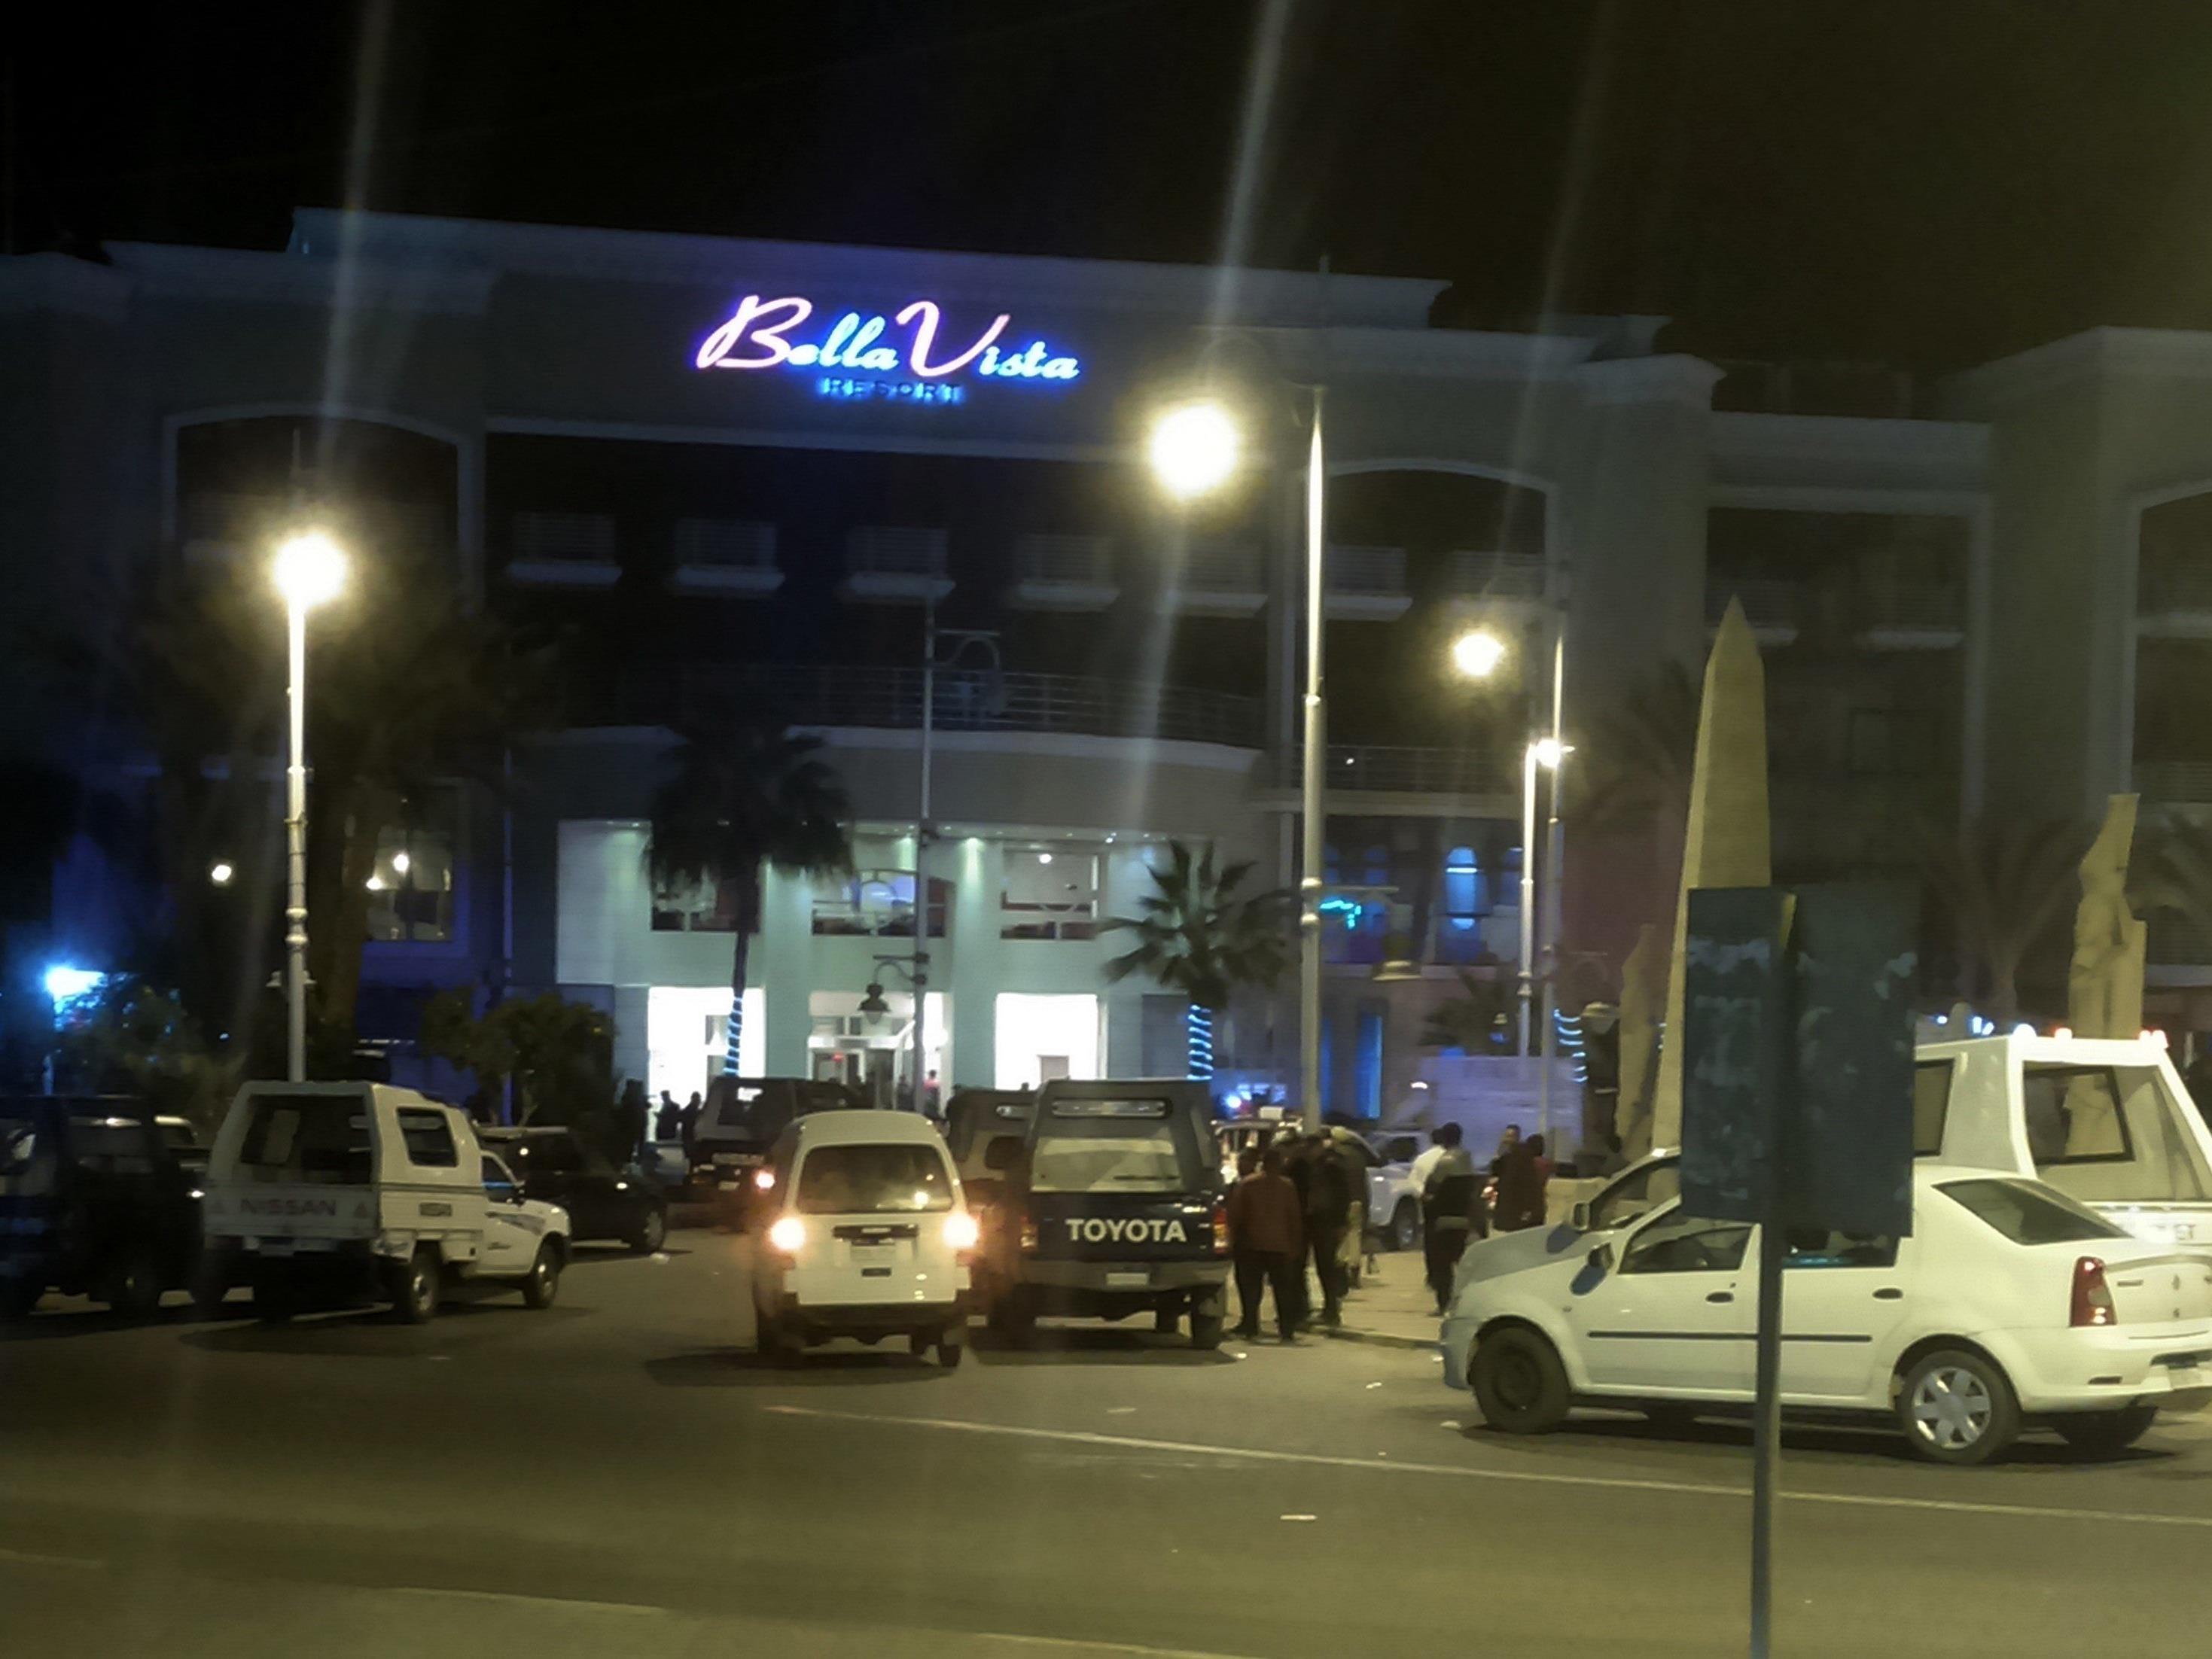 Augenzeugen berichteten, die Angreifer seien vom Meer aus gekommen und in das Restaurant eingedrungen